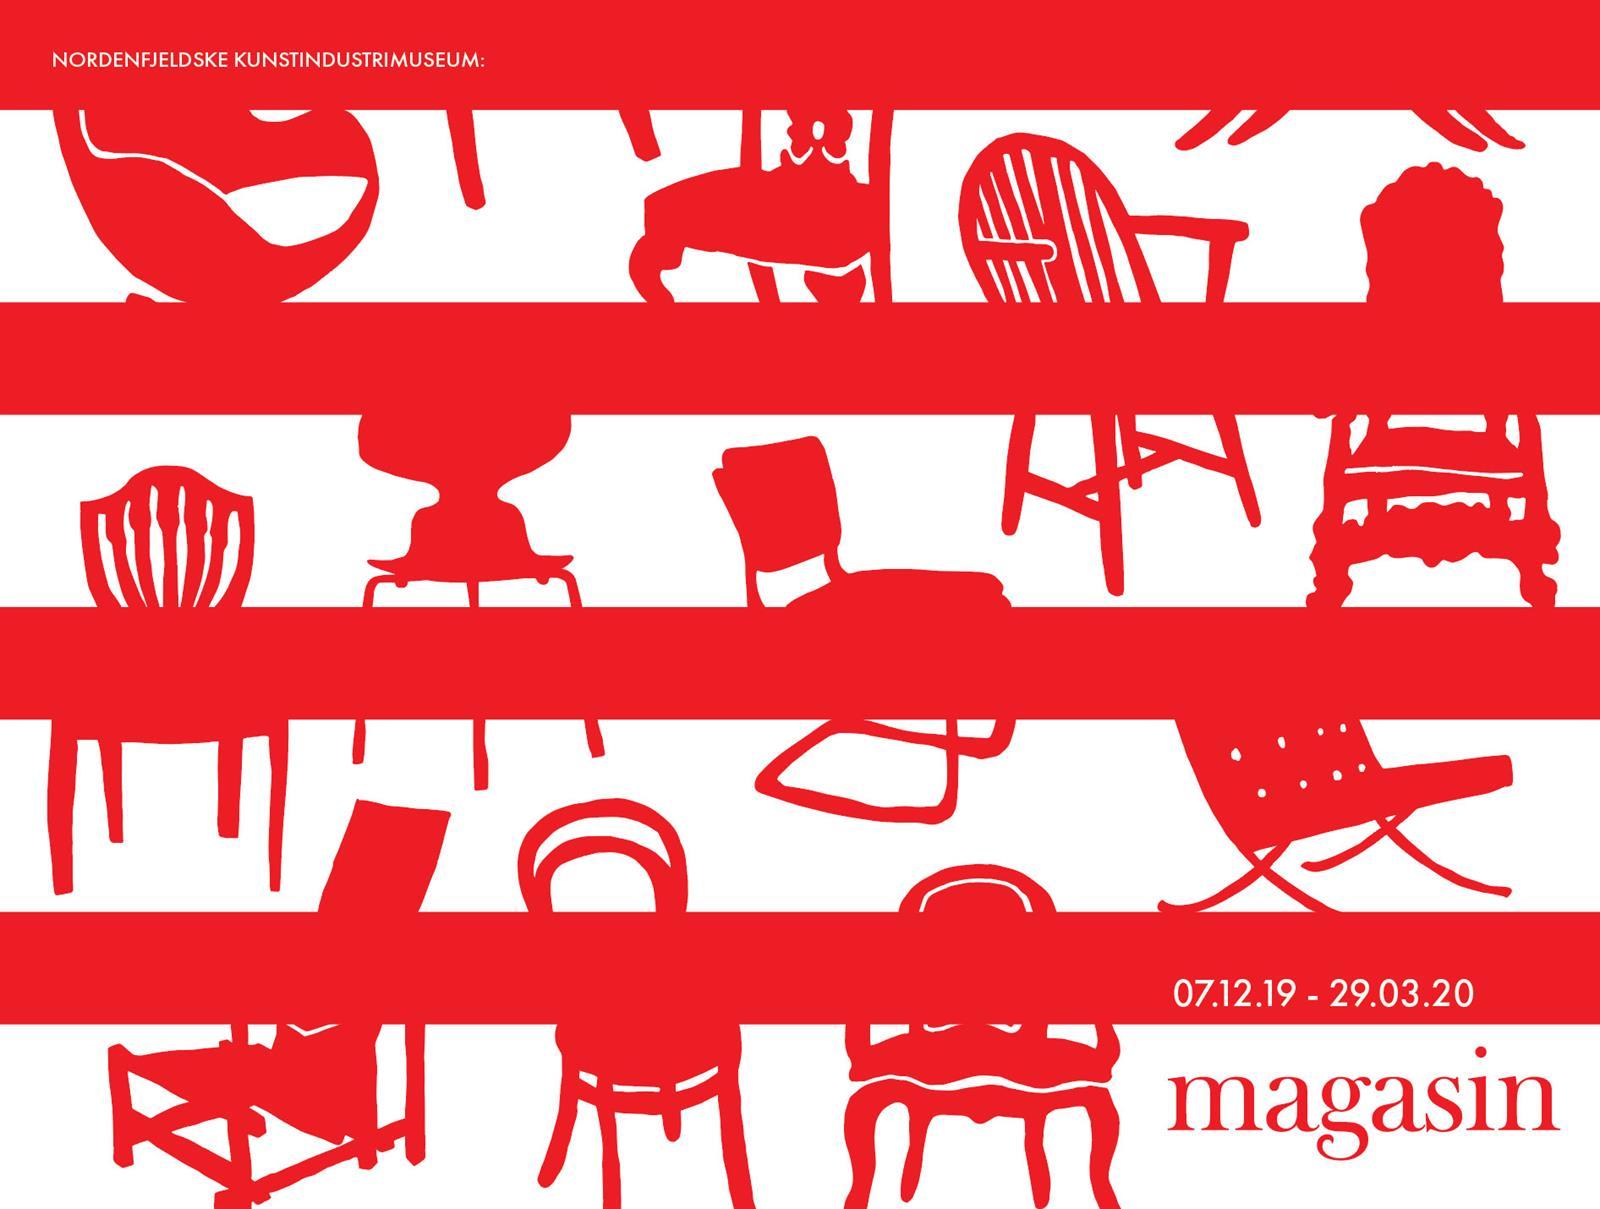 Kunsthåndverk og design i fokus